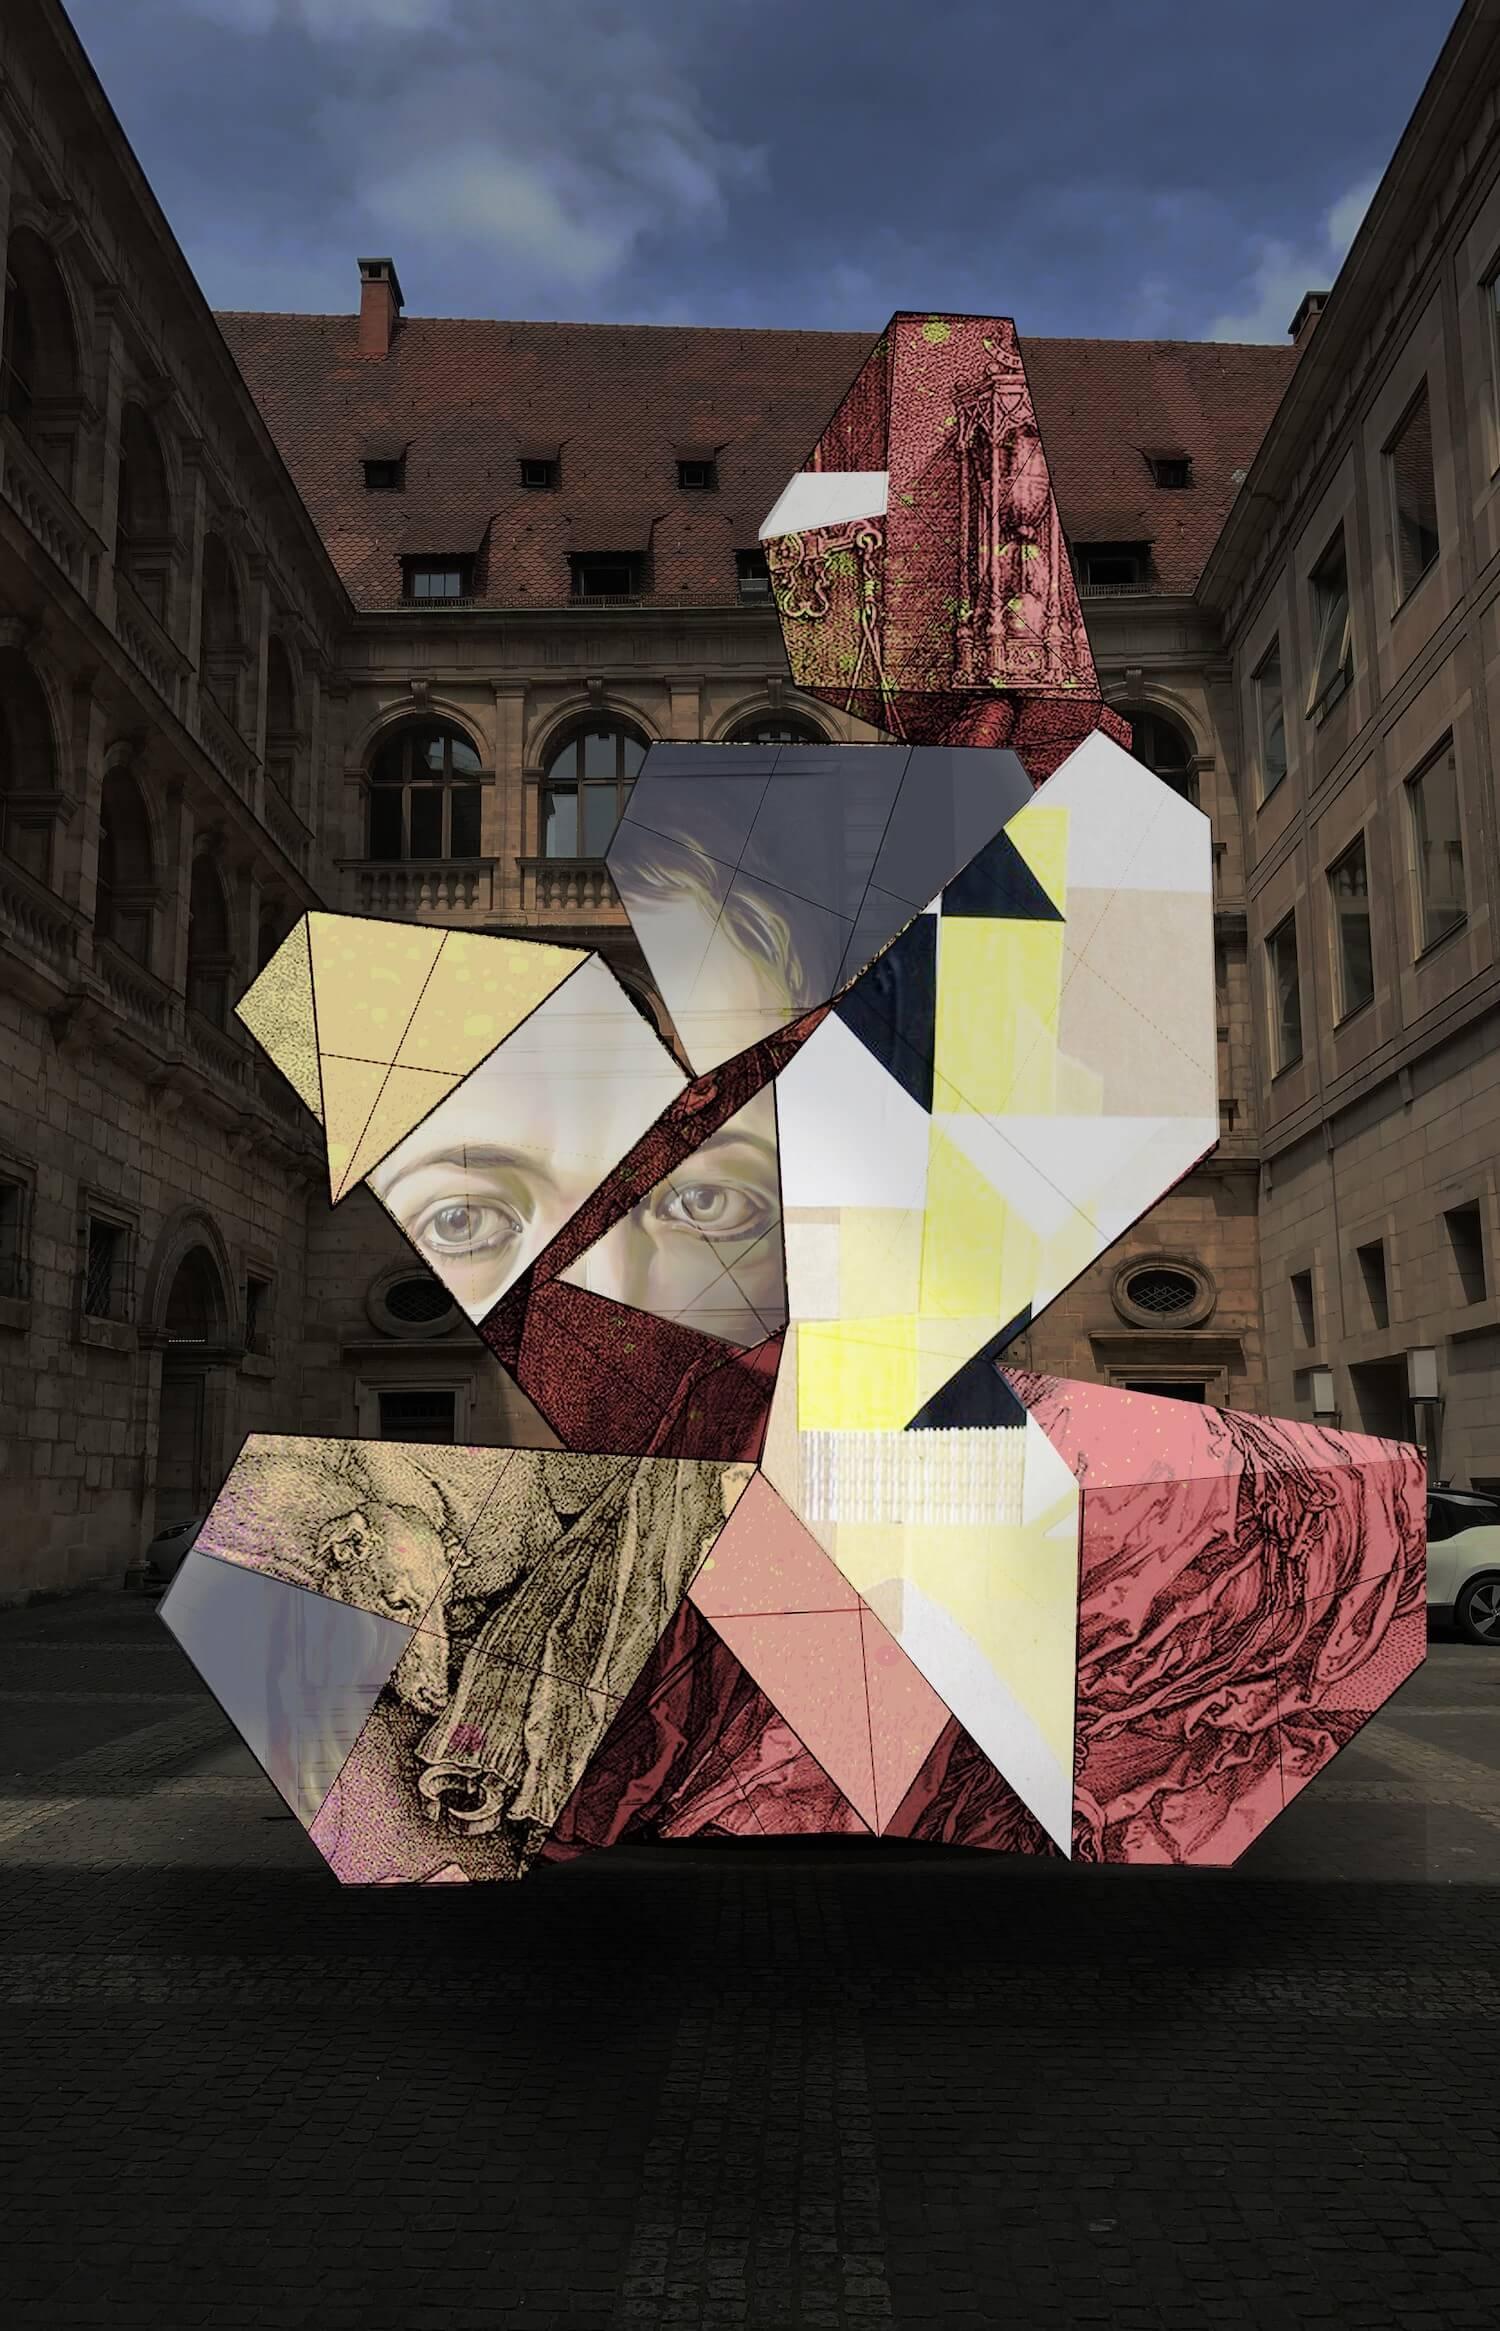 Im Innenhof: Kunstprojekt Kupferstich vs. Urban Art von Julian Vogel und Benedikt Buchmüller (Grafik: Julian Vogel)